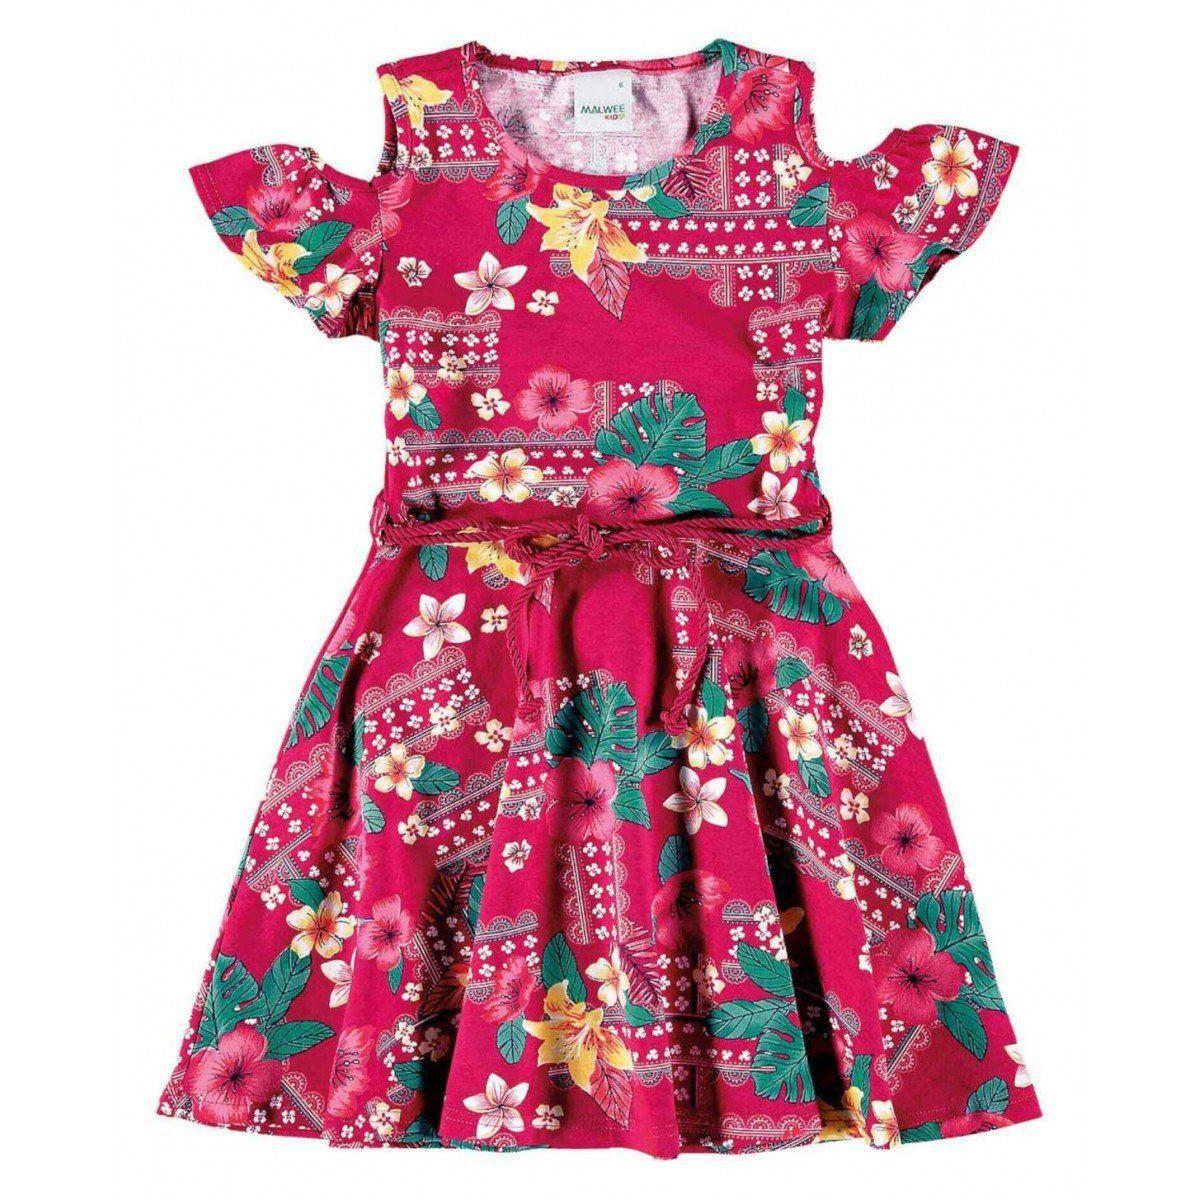 e9eda544f1 Vestido Infantil Feminino Rosa Verão Malwee